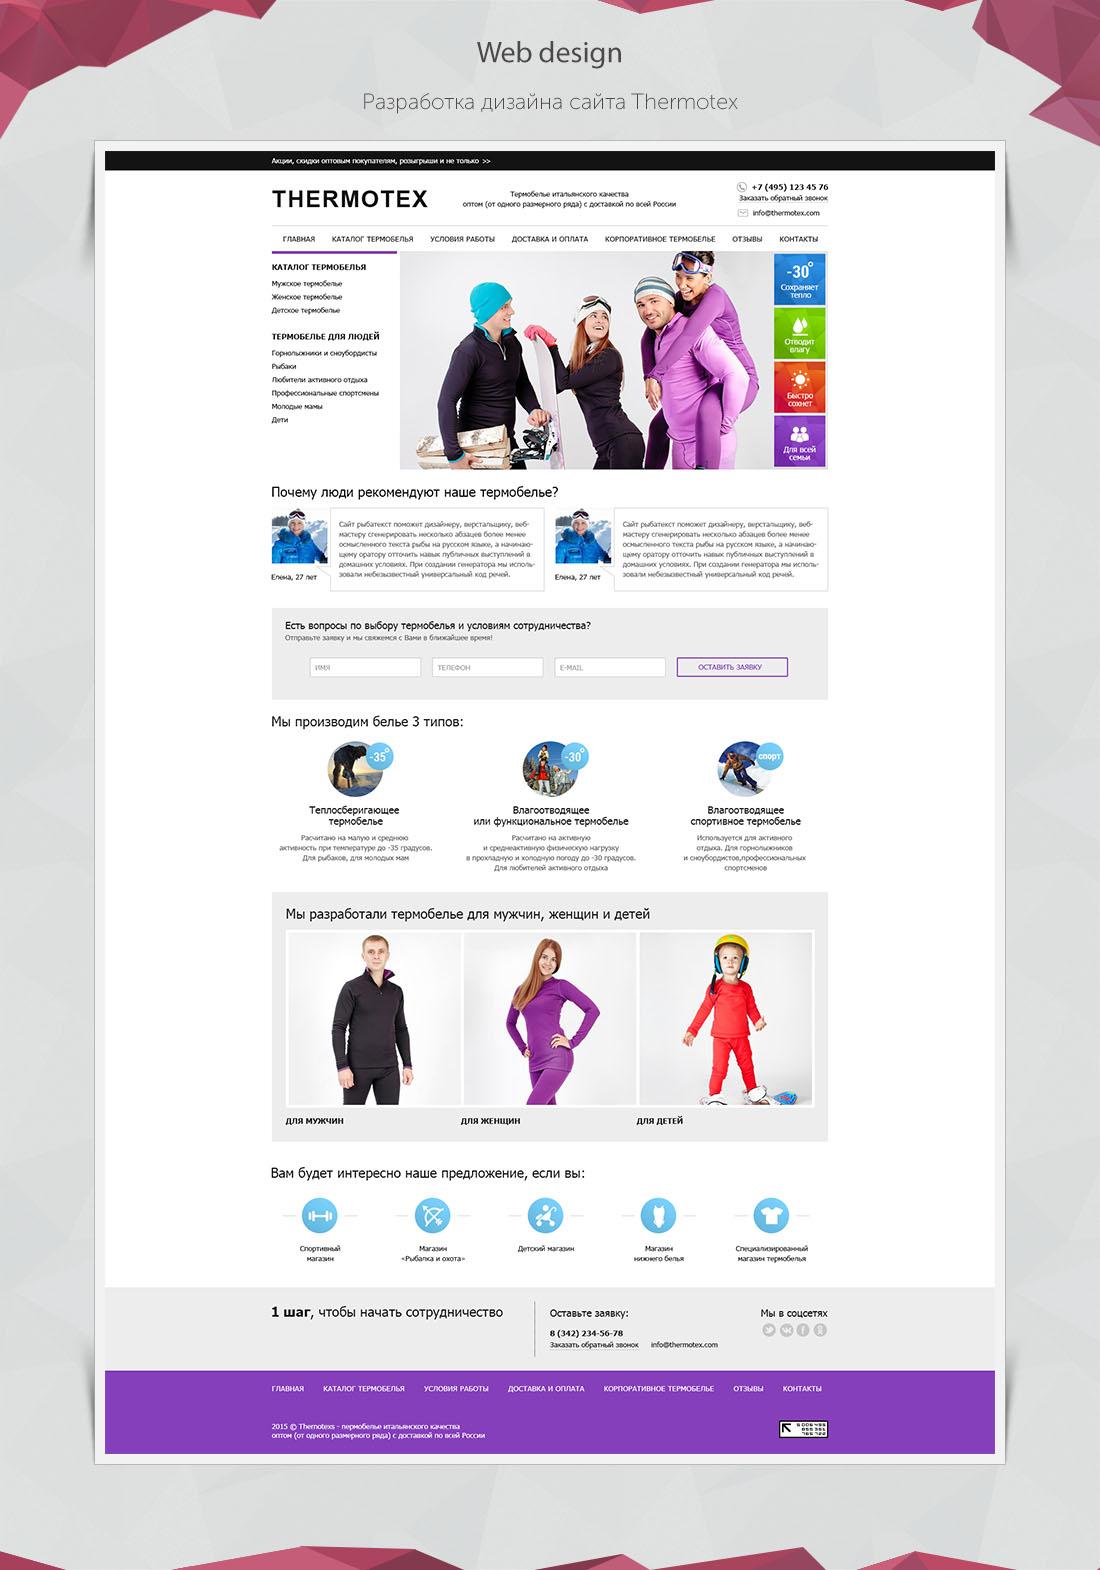 Разработка дизайна сайта Termotex